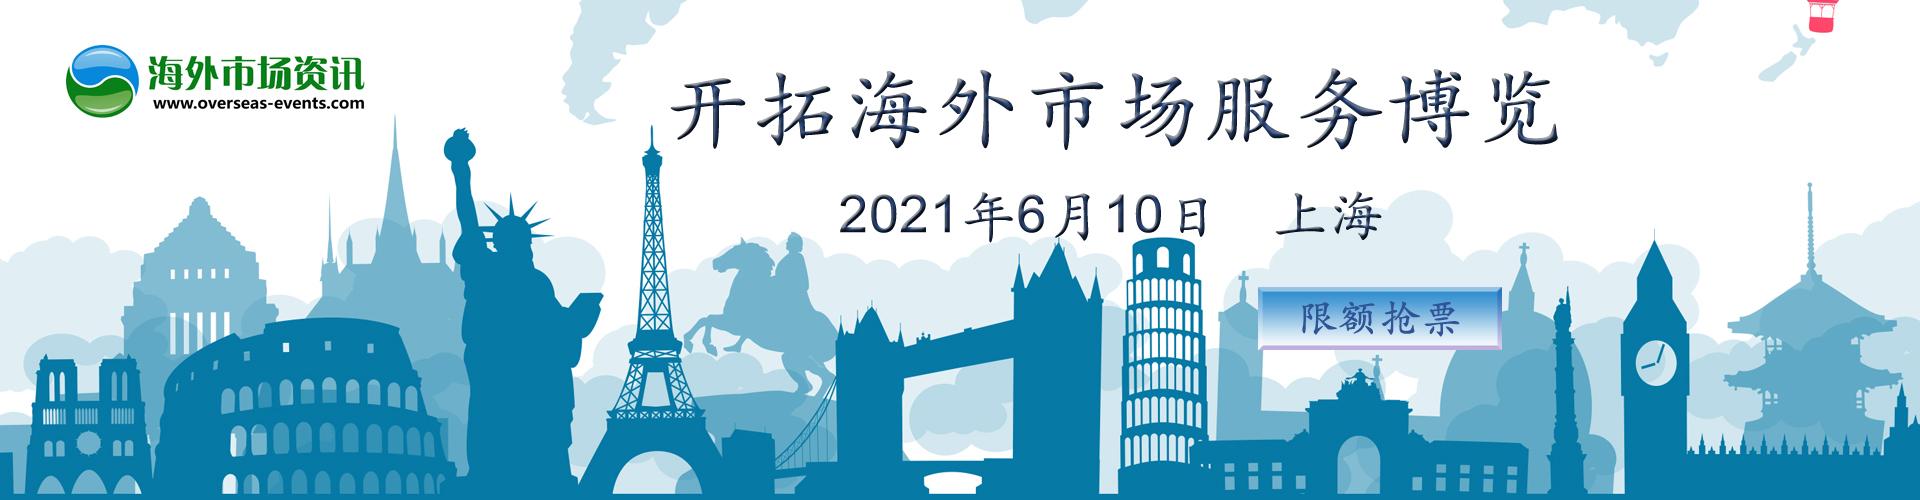 2021开拓海外市场服务博览